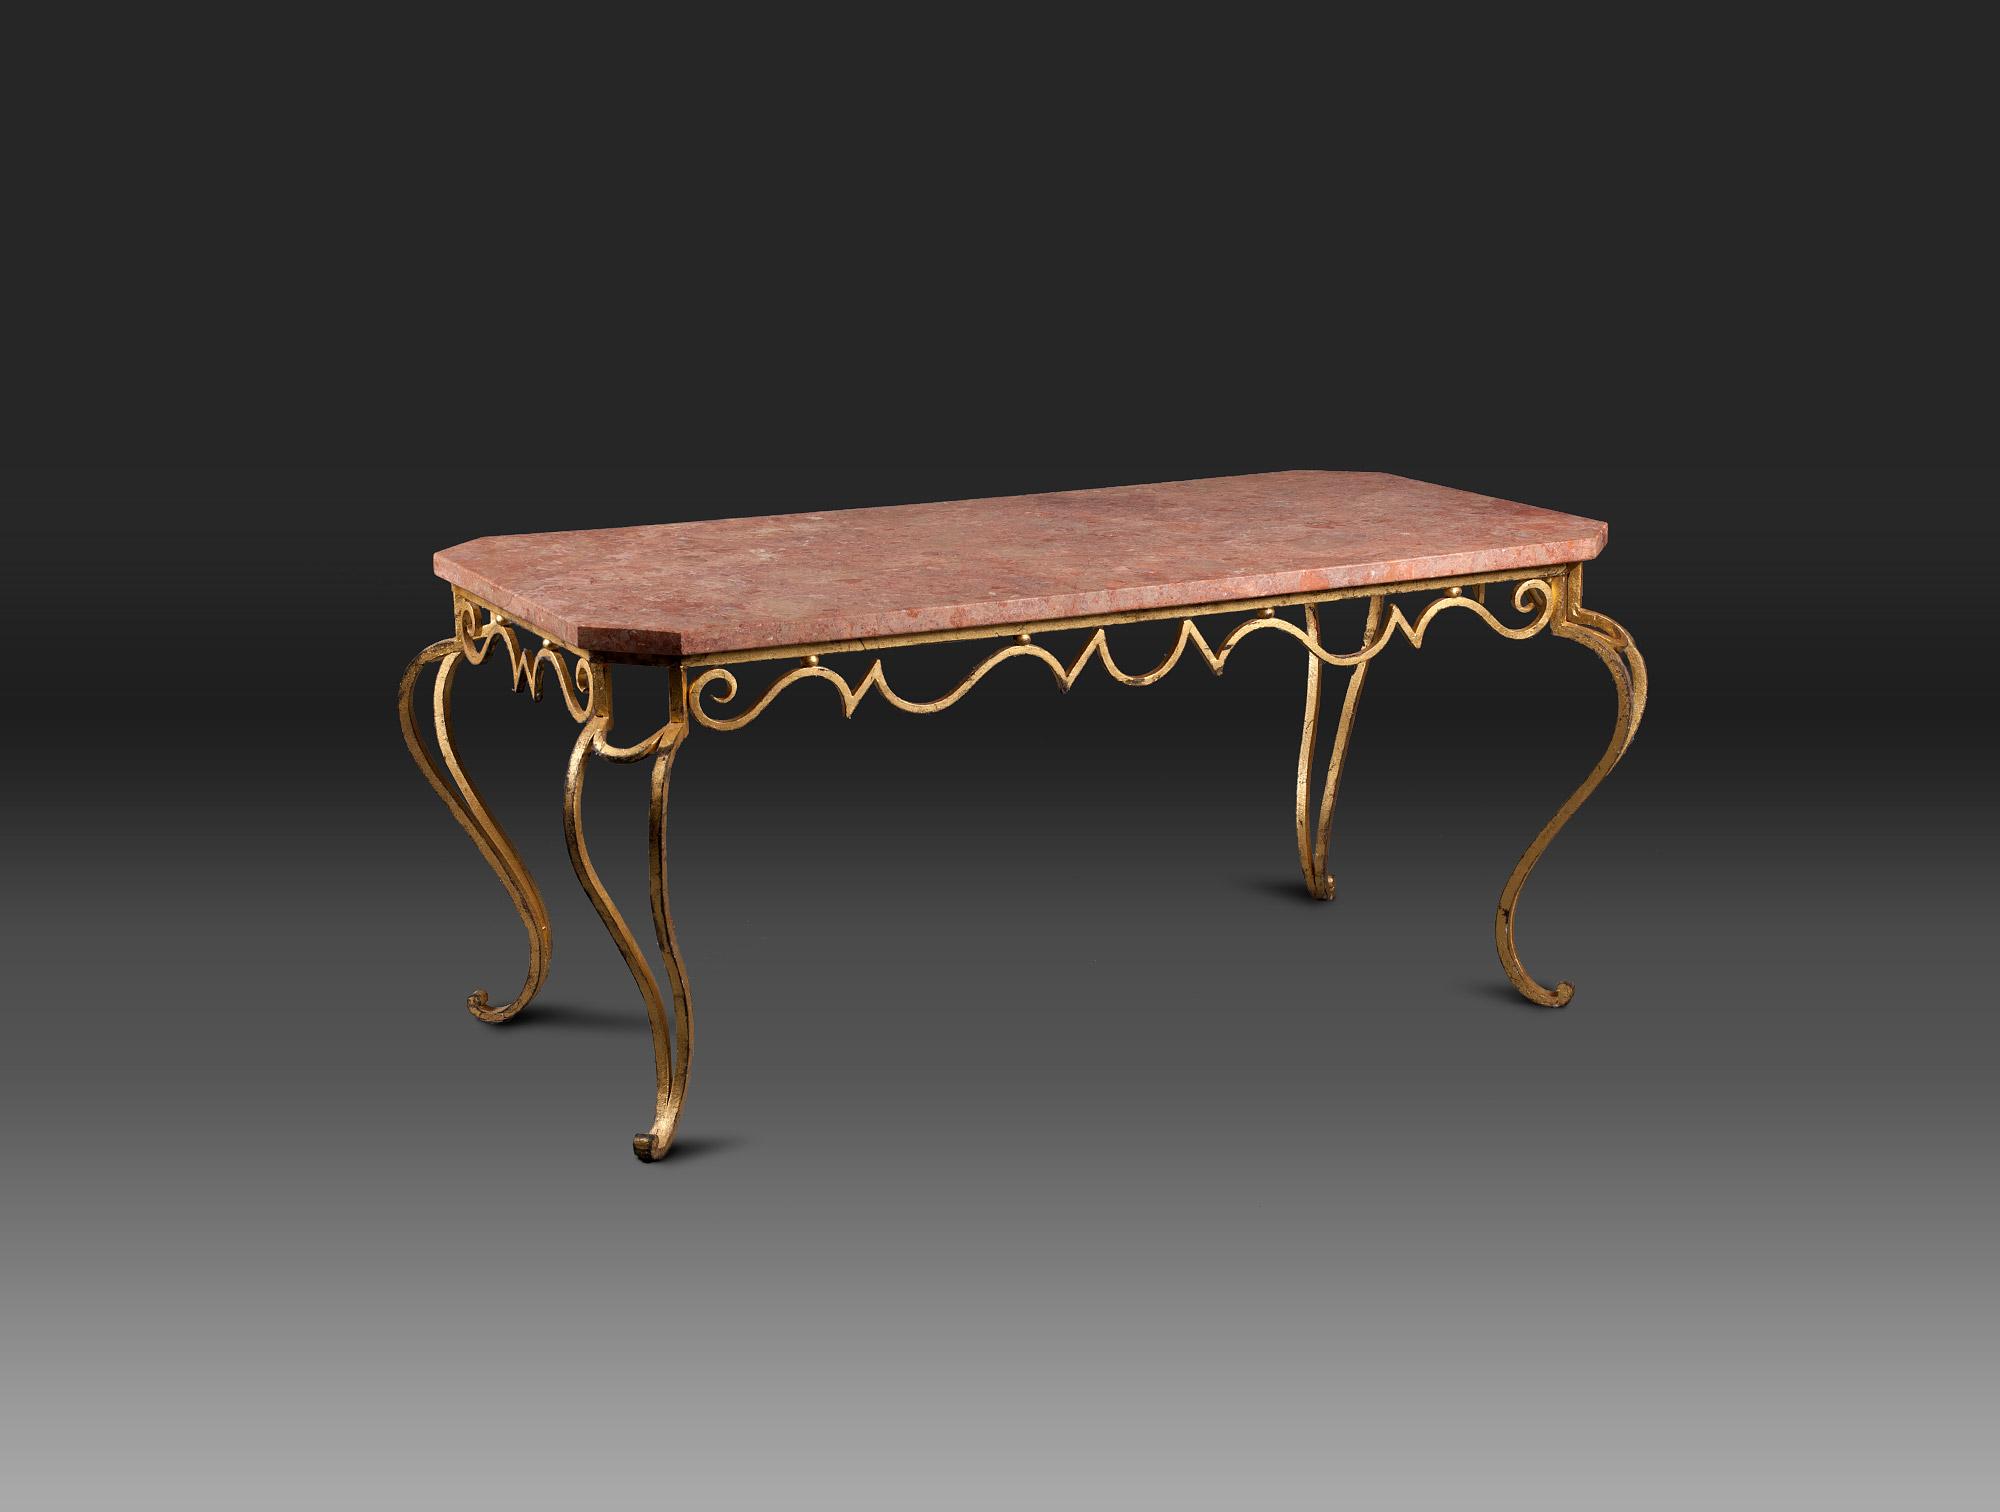 Table Basse En Fer Forge Dore Soubrier Louer Tables Bureaux Table